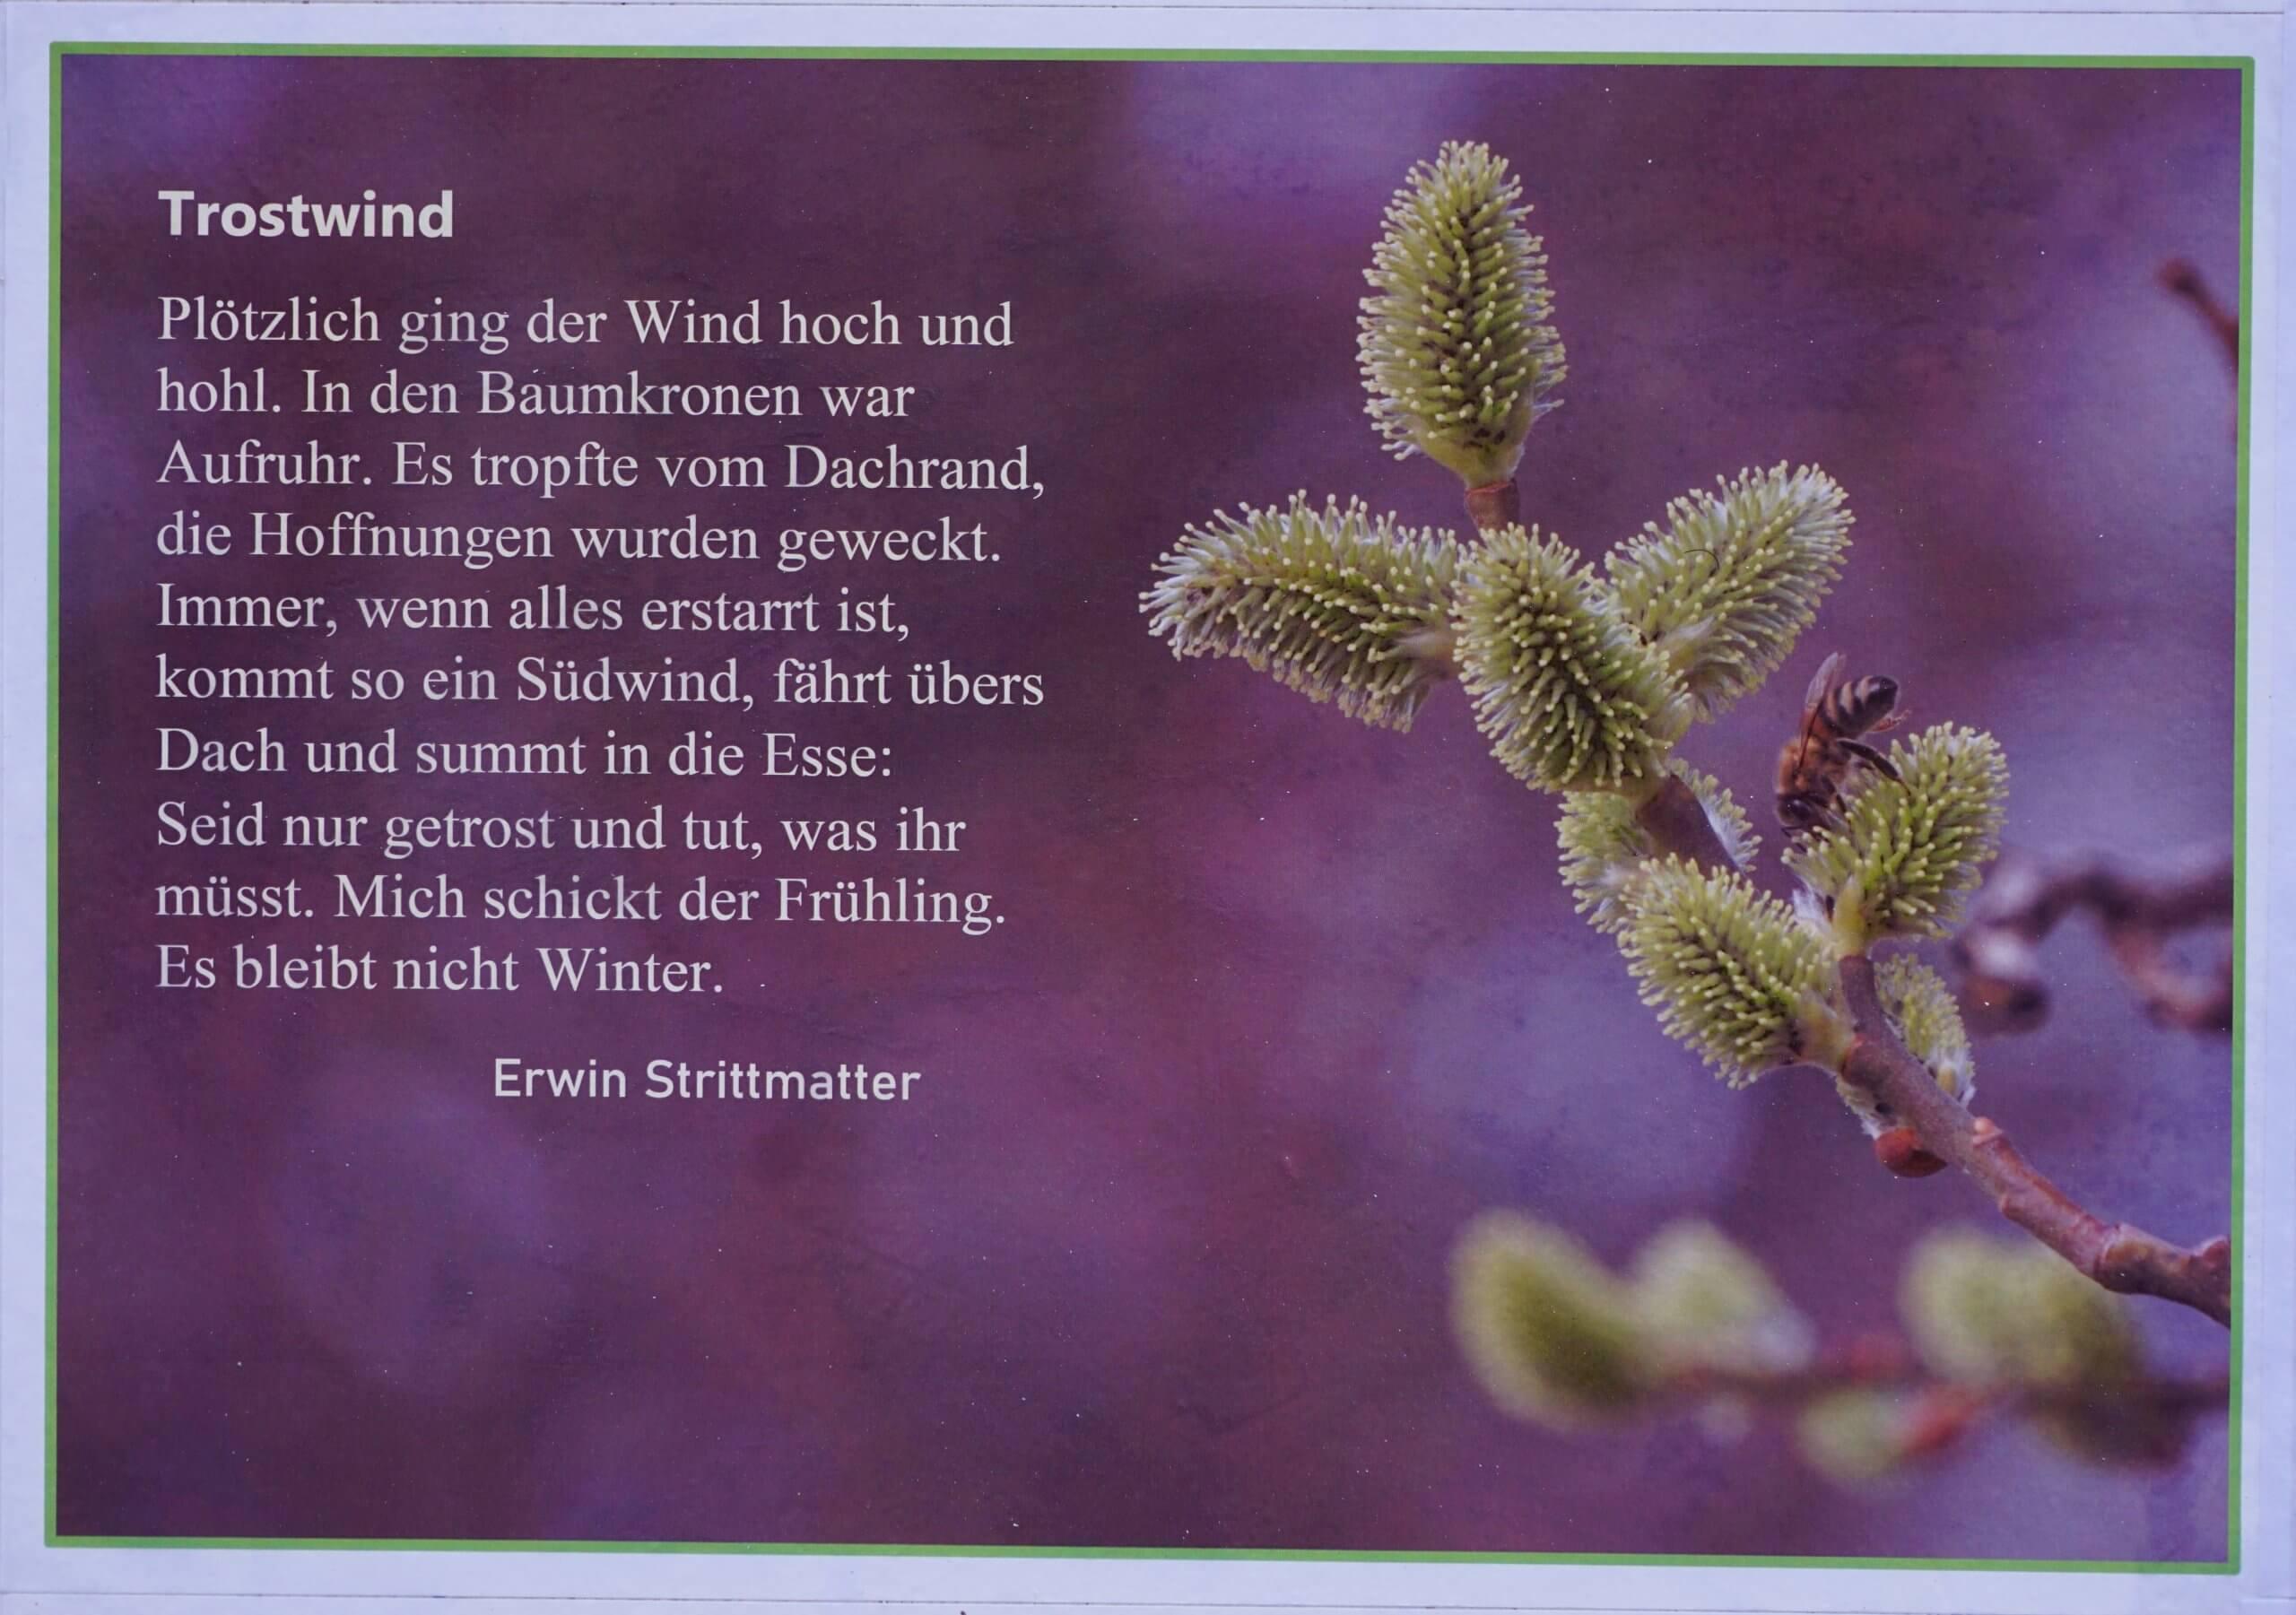 Das Bild zeigt die Motivgestaltung mit einer Naturbeobachtung von Erwin Strittmatter mit viel Poesie.